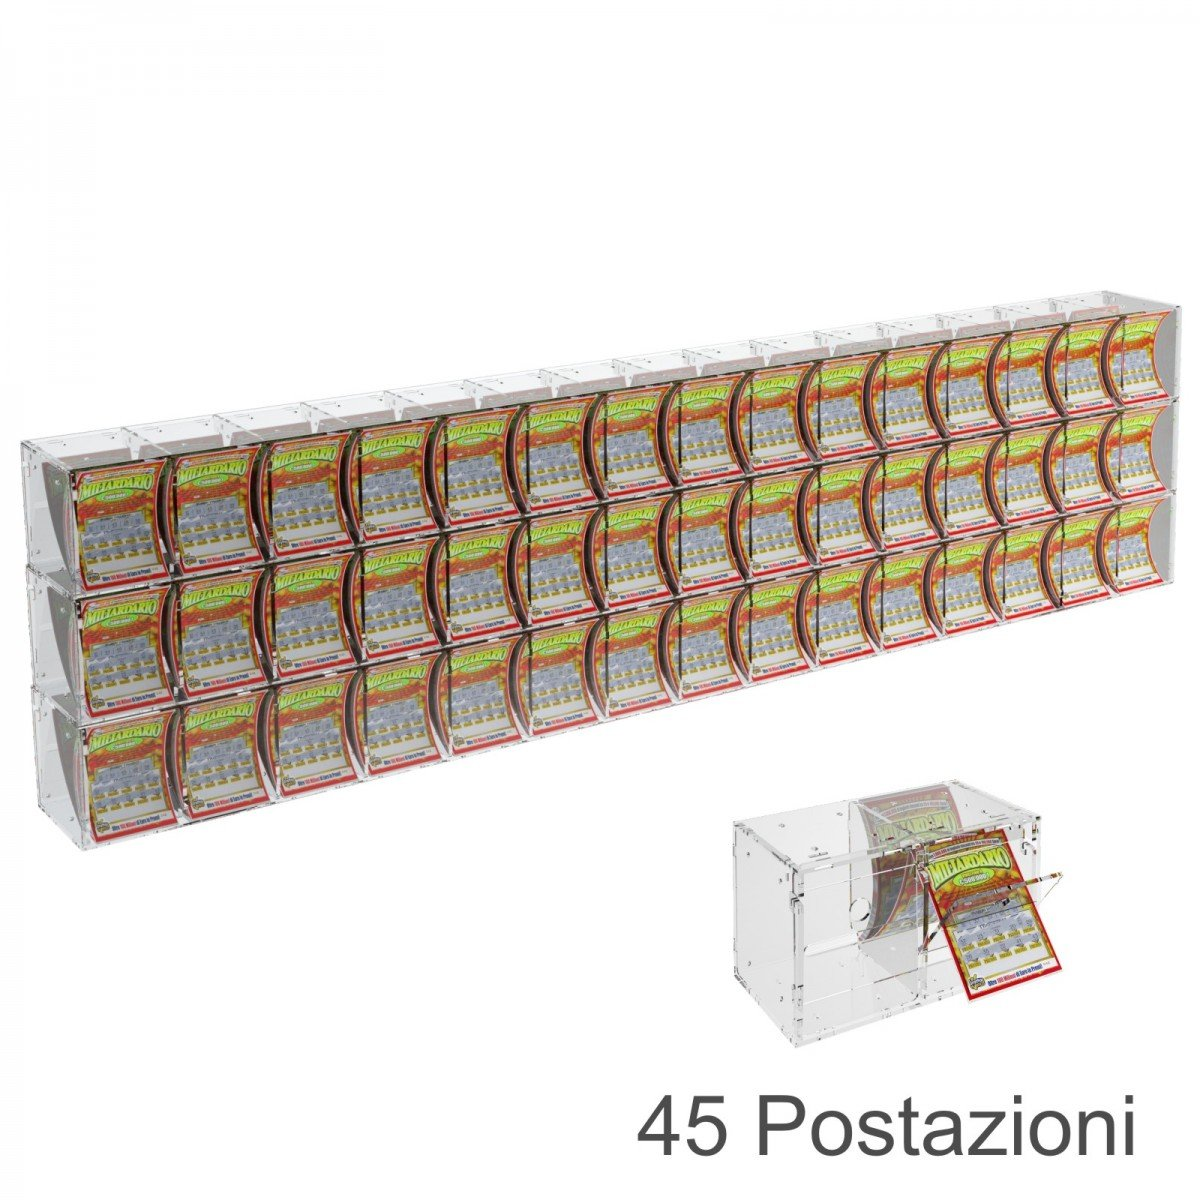 Espositore gratta e vinci da banco o da soffitto in plexiglass trasparente a 45 contenitori munito di sportellino frontale lato rivenditore